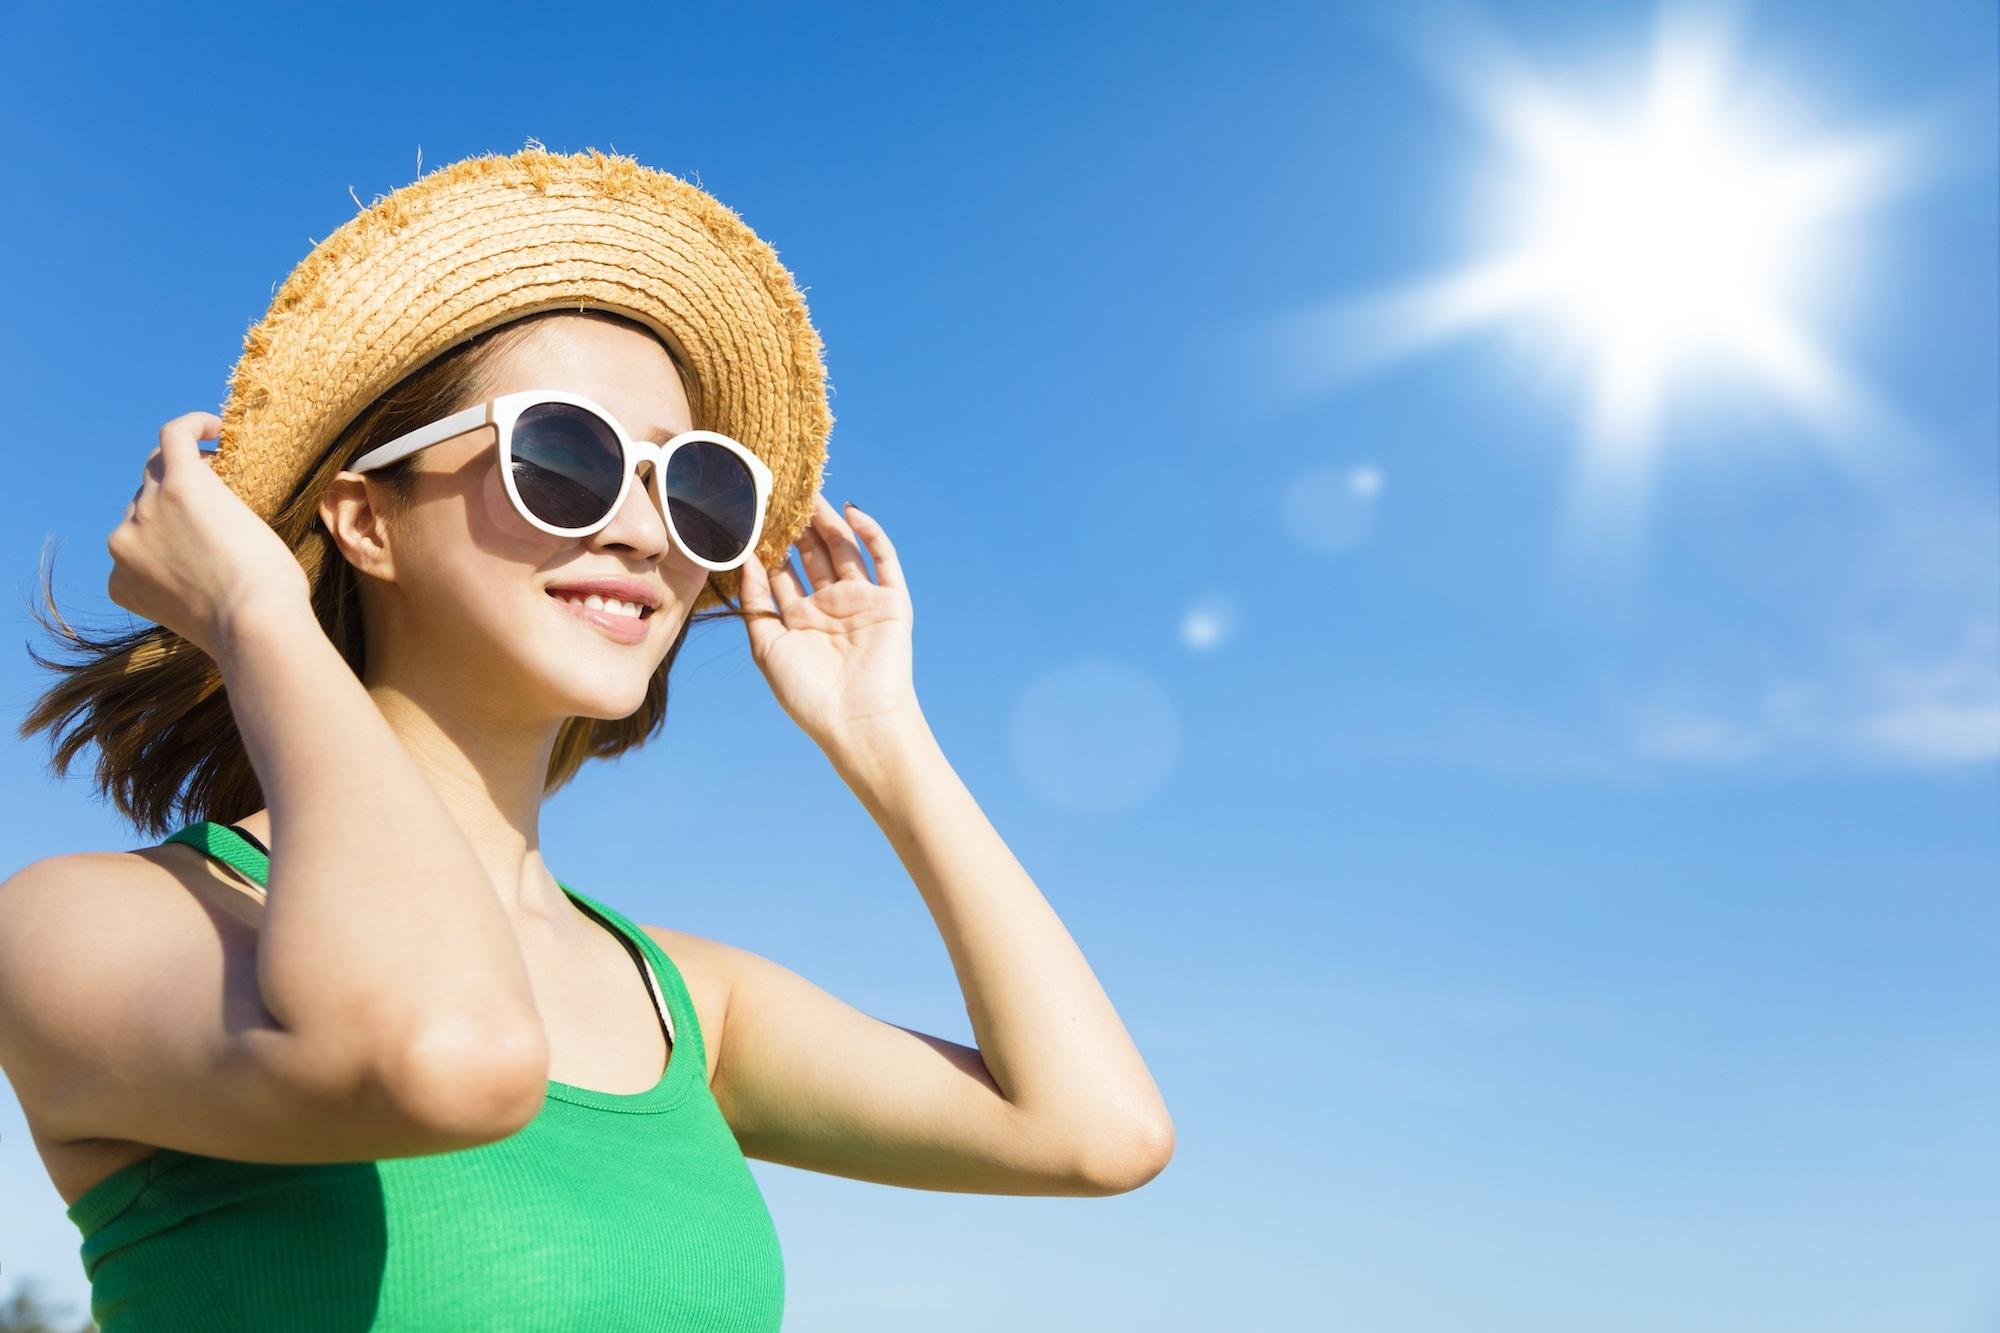 Wanita asia dengan model rambut bob berwarna cokelat menggunakan topi dan kacamata